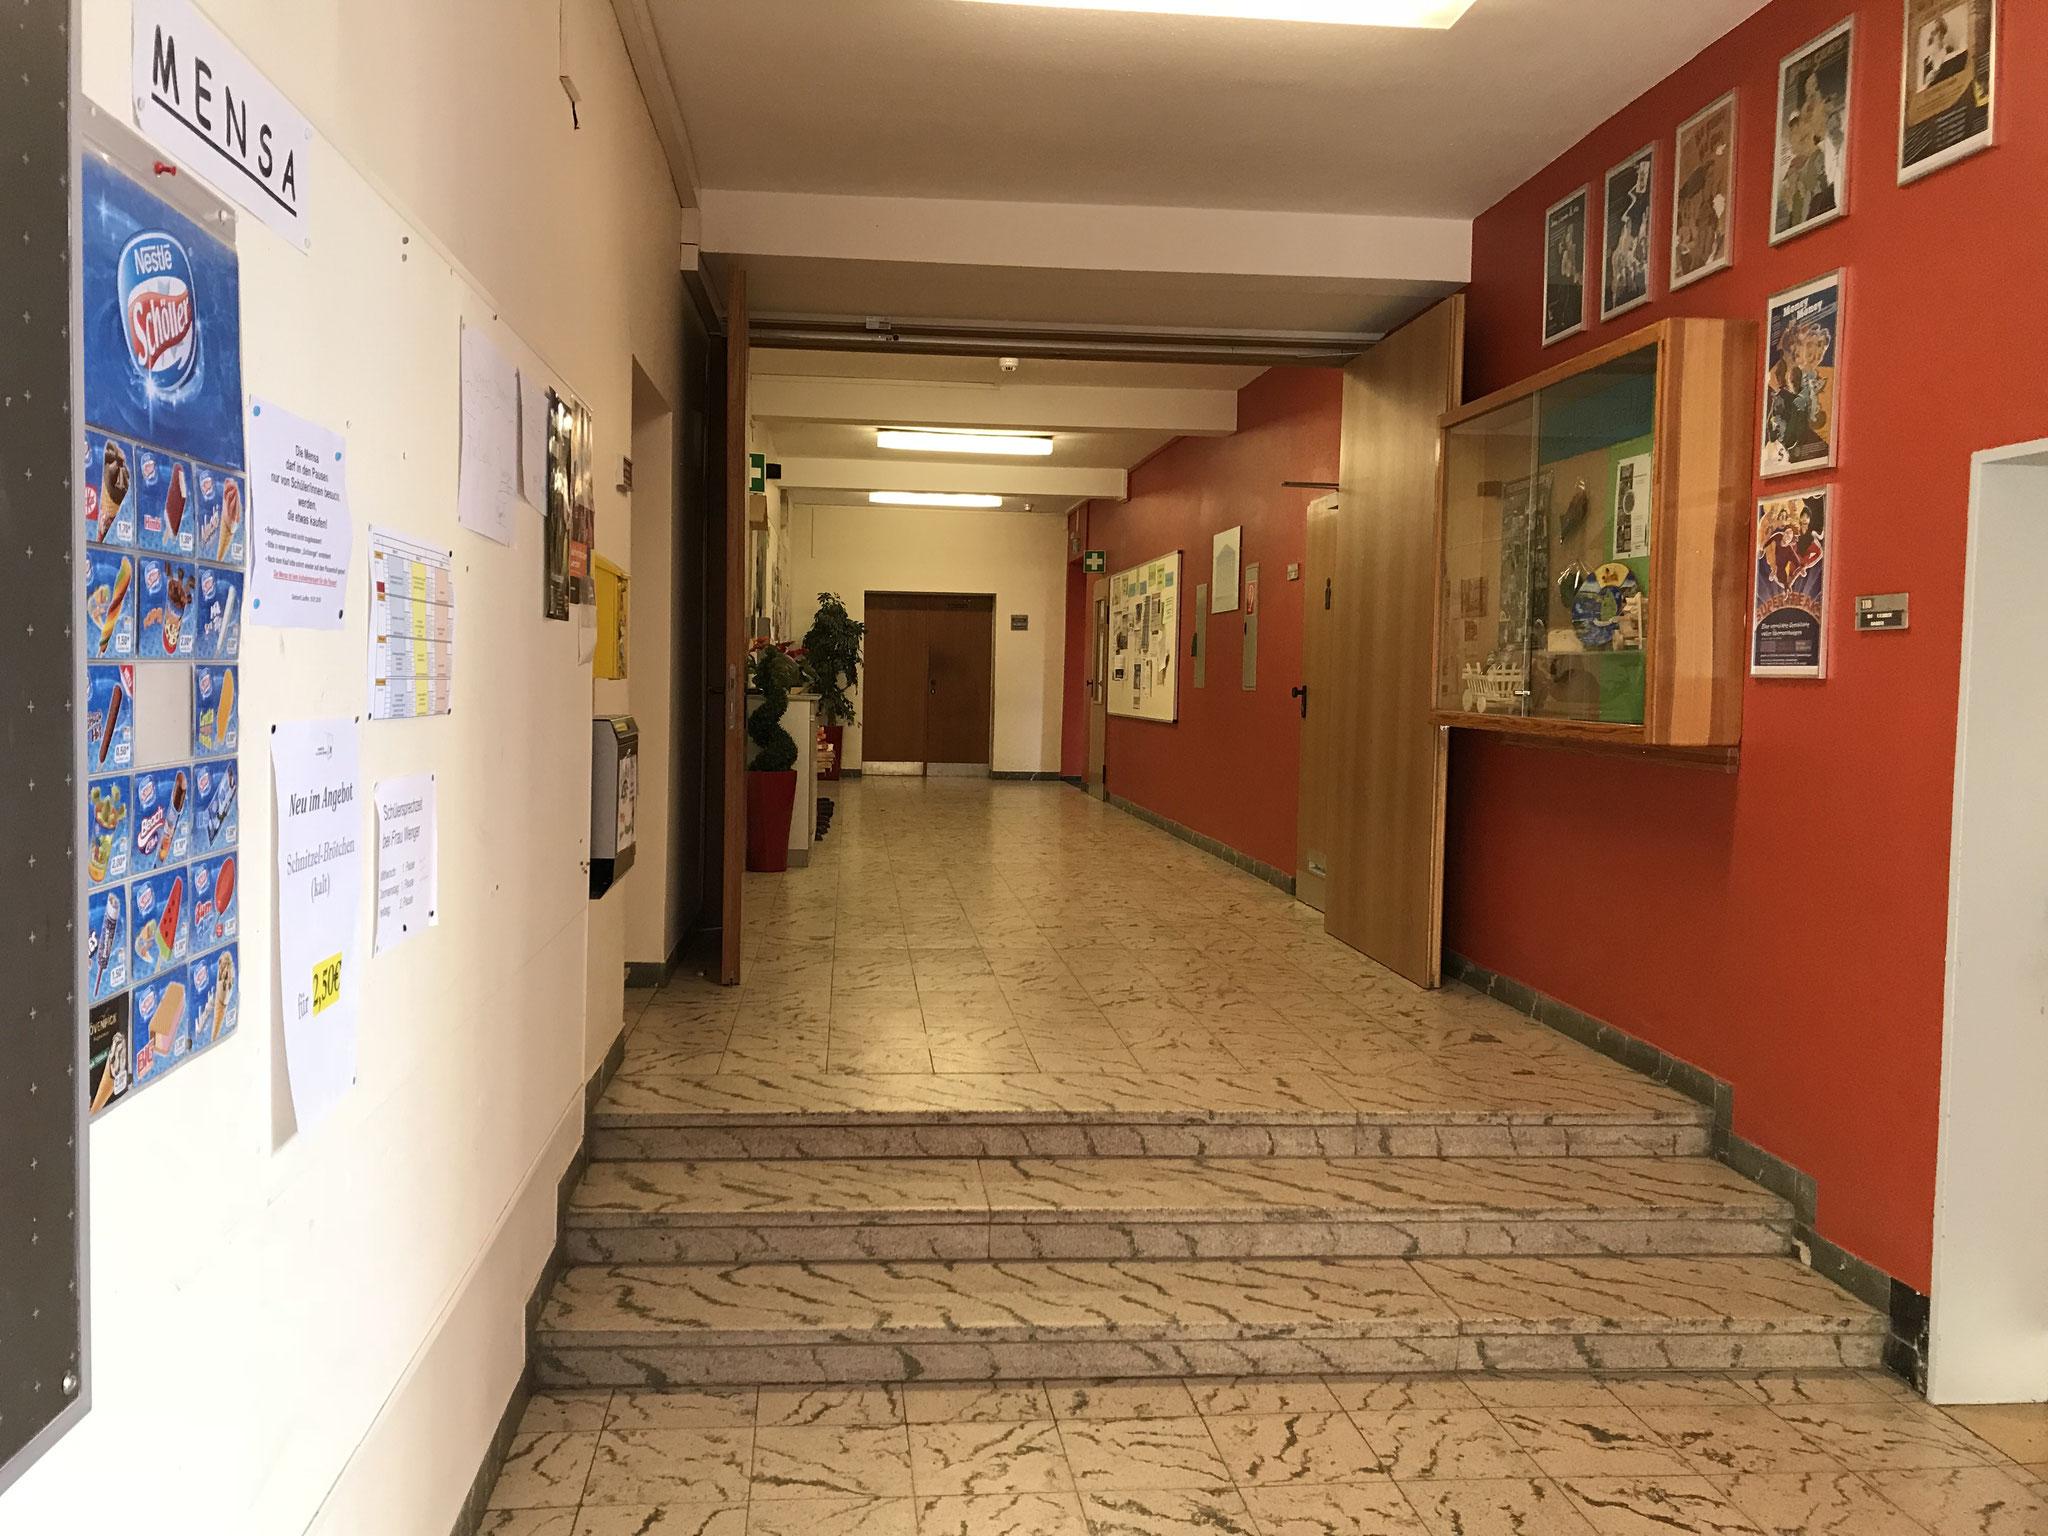 Sekretariat, Sanitätsraum und Lehrerzimmer